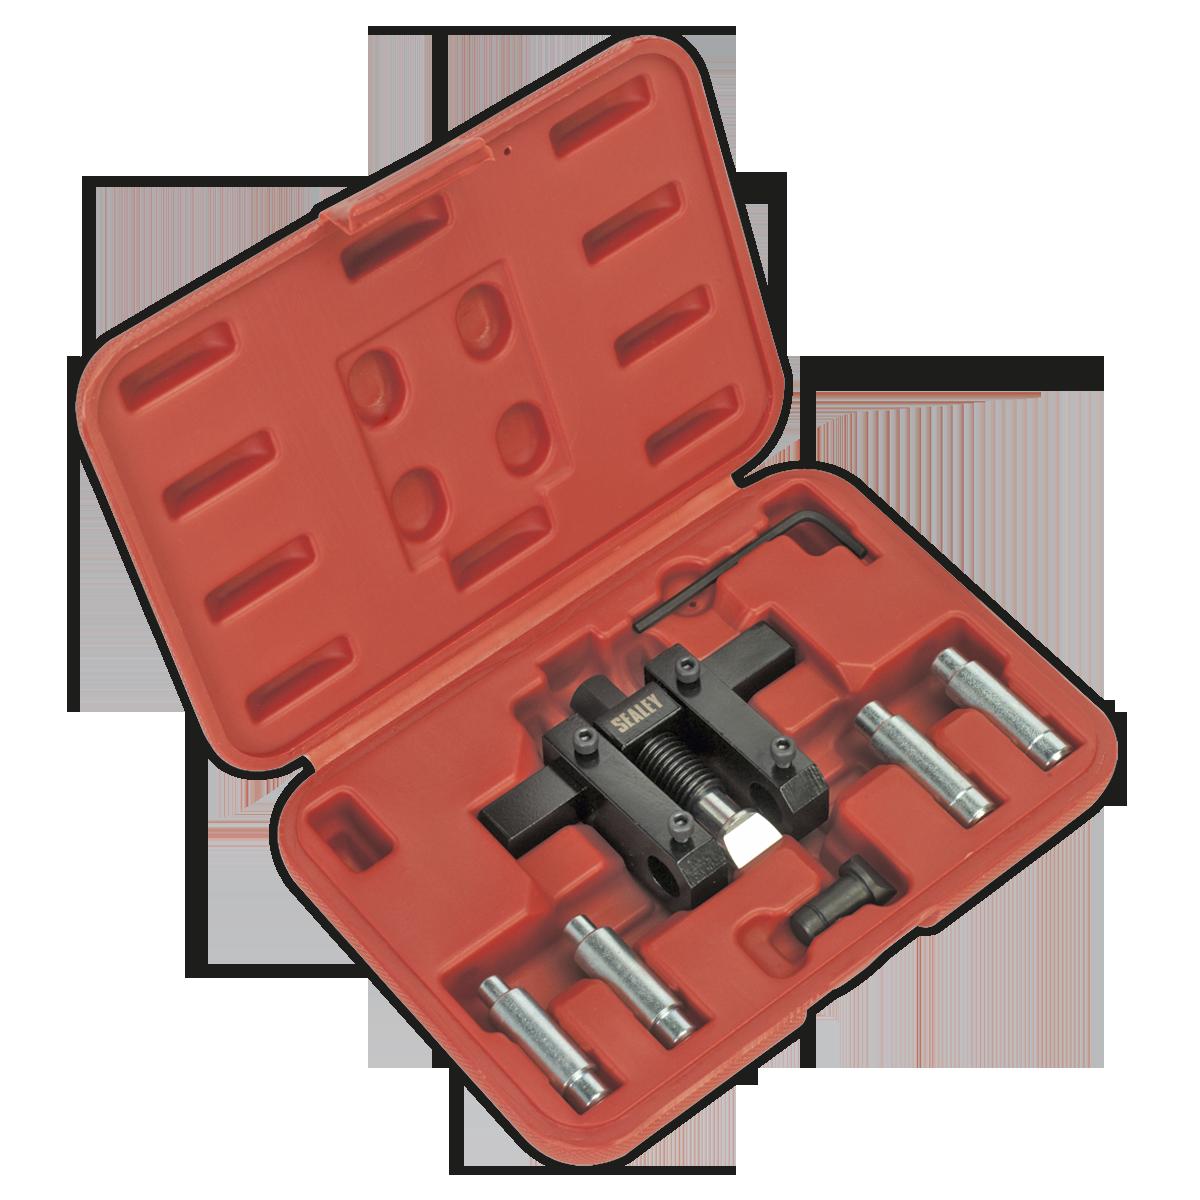 Laser 4469 Herramienta para instalar//abrir abrazaderas de escape